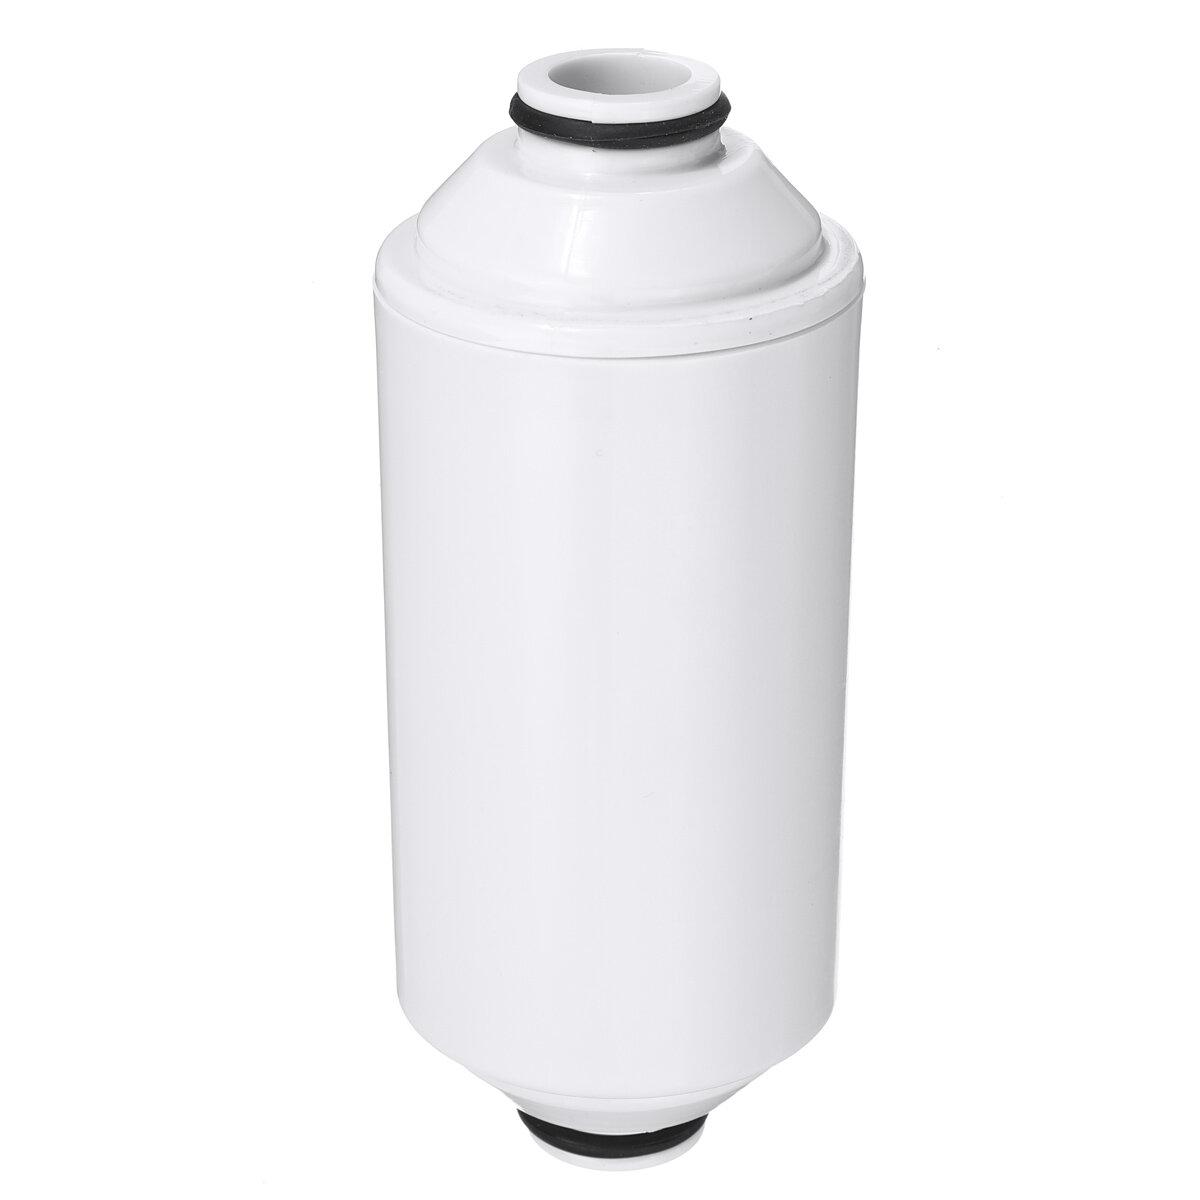 15-stufiger Duschbad-Wasseraufbereiter Wasserfilter mit Filterelement